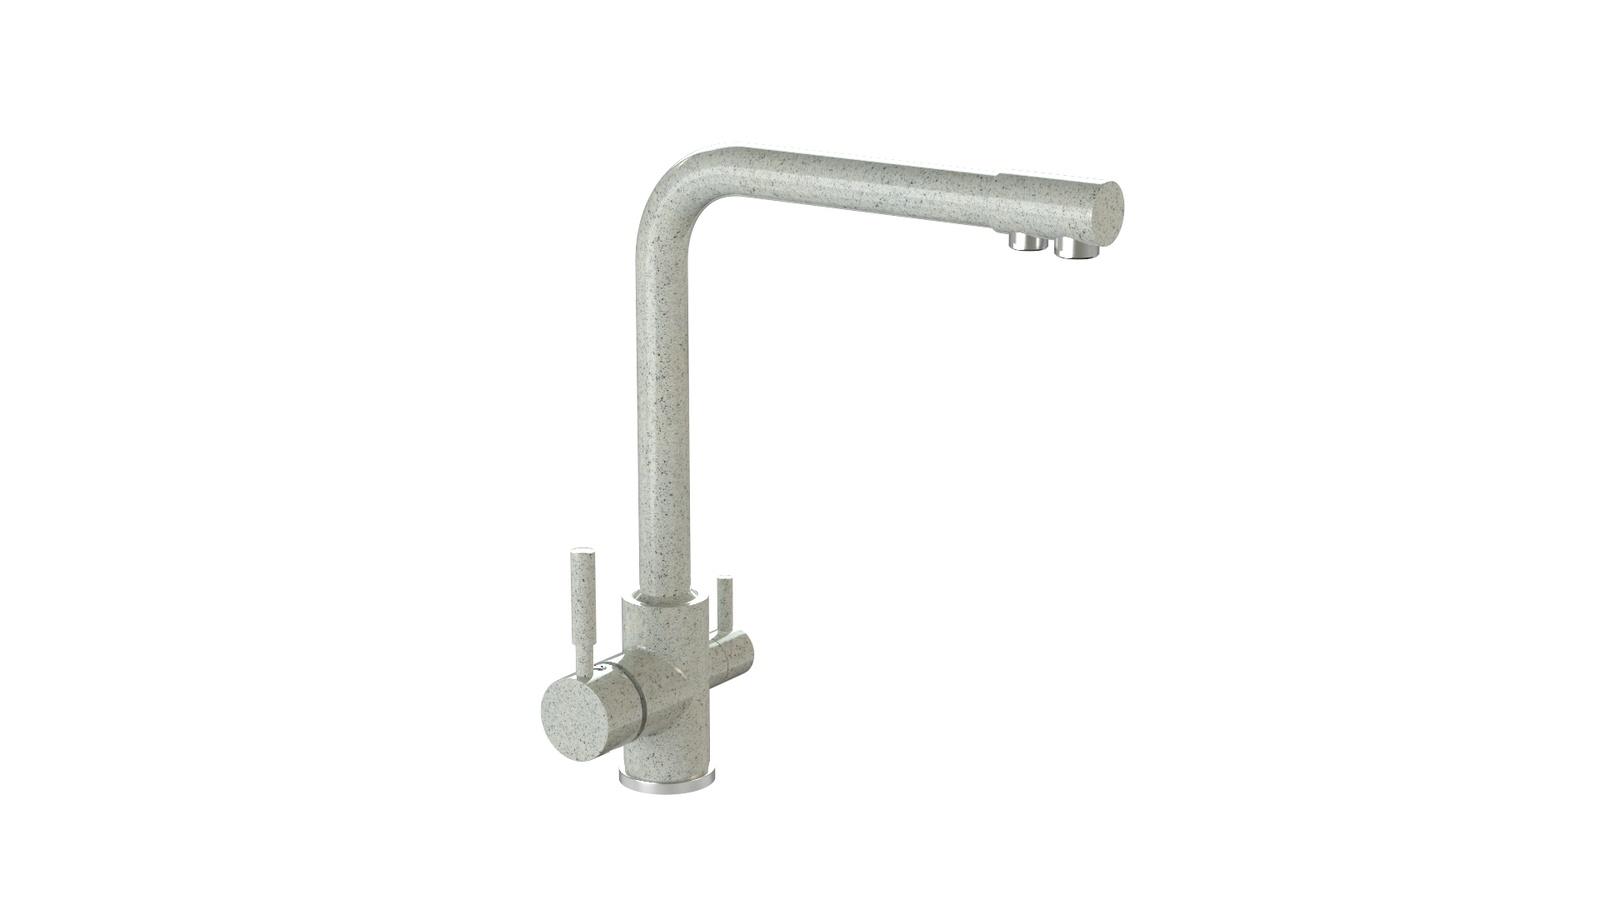 Смеситель для кухни глянцевый MARRBAXX MG-006Q010 светло-серый цена и фото